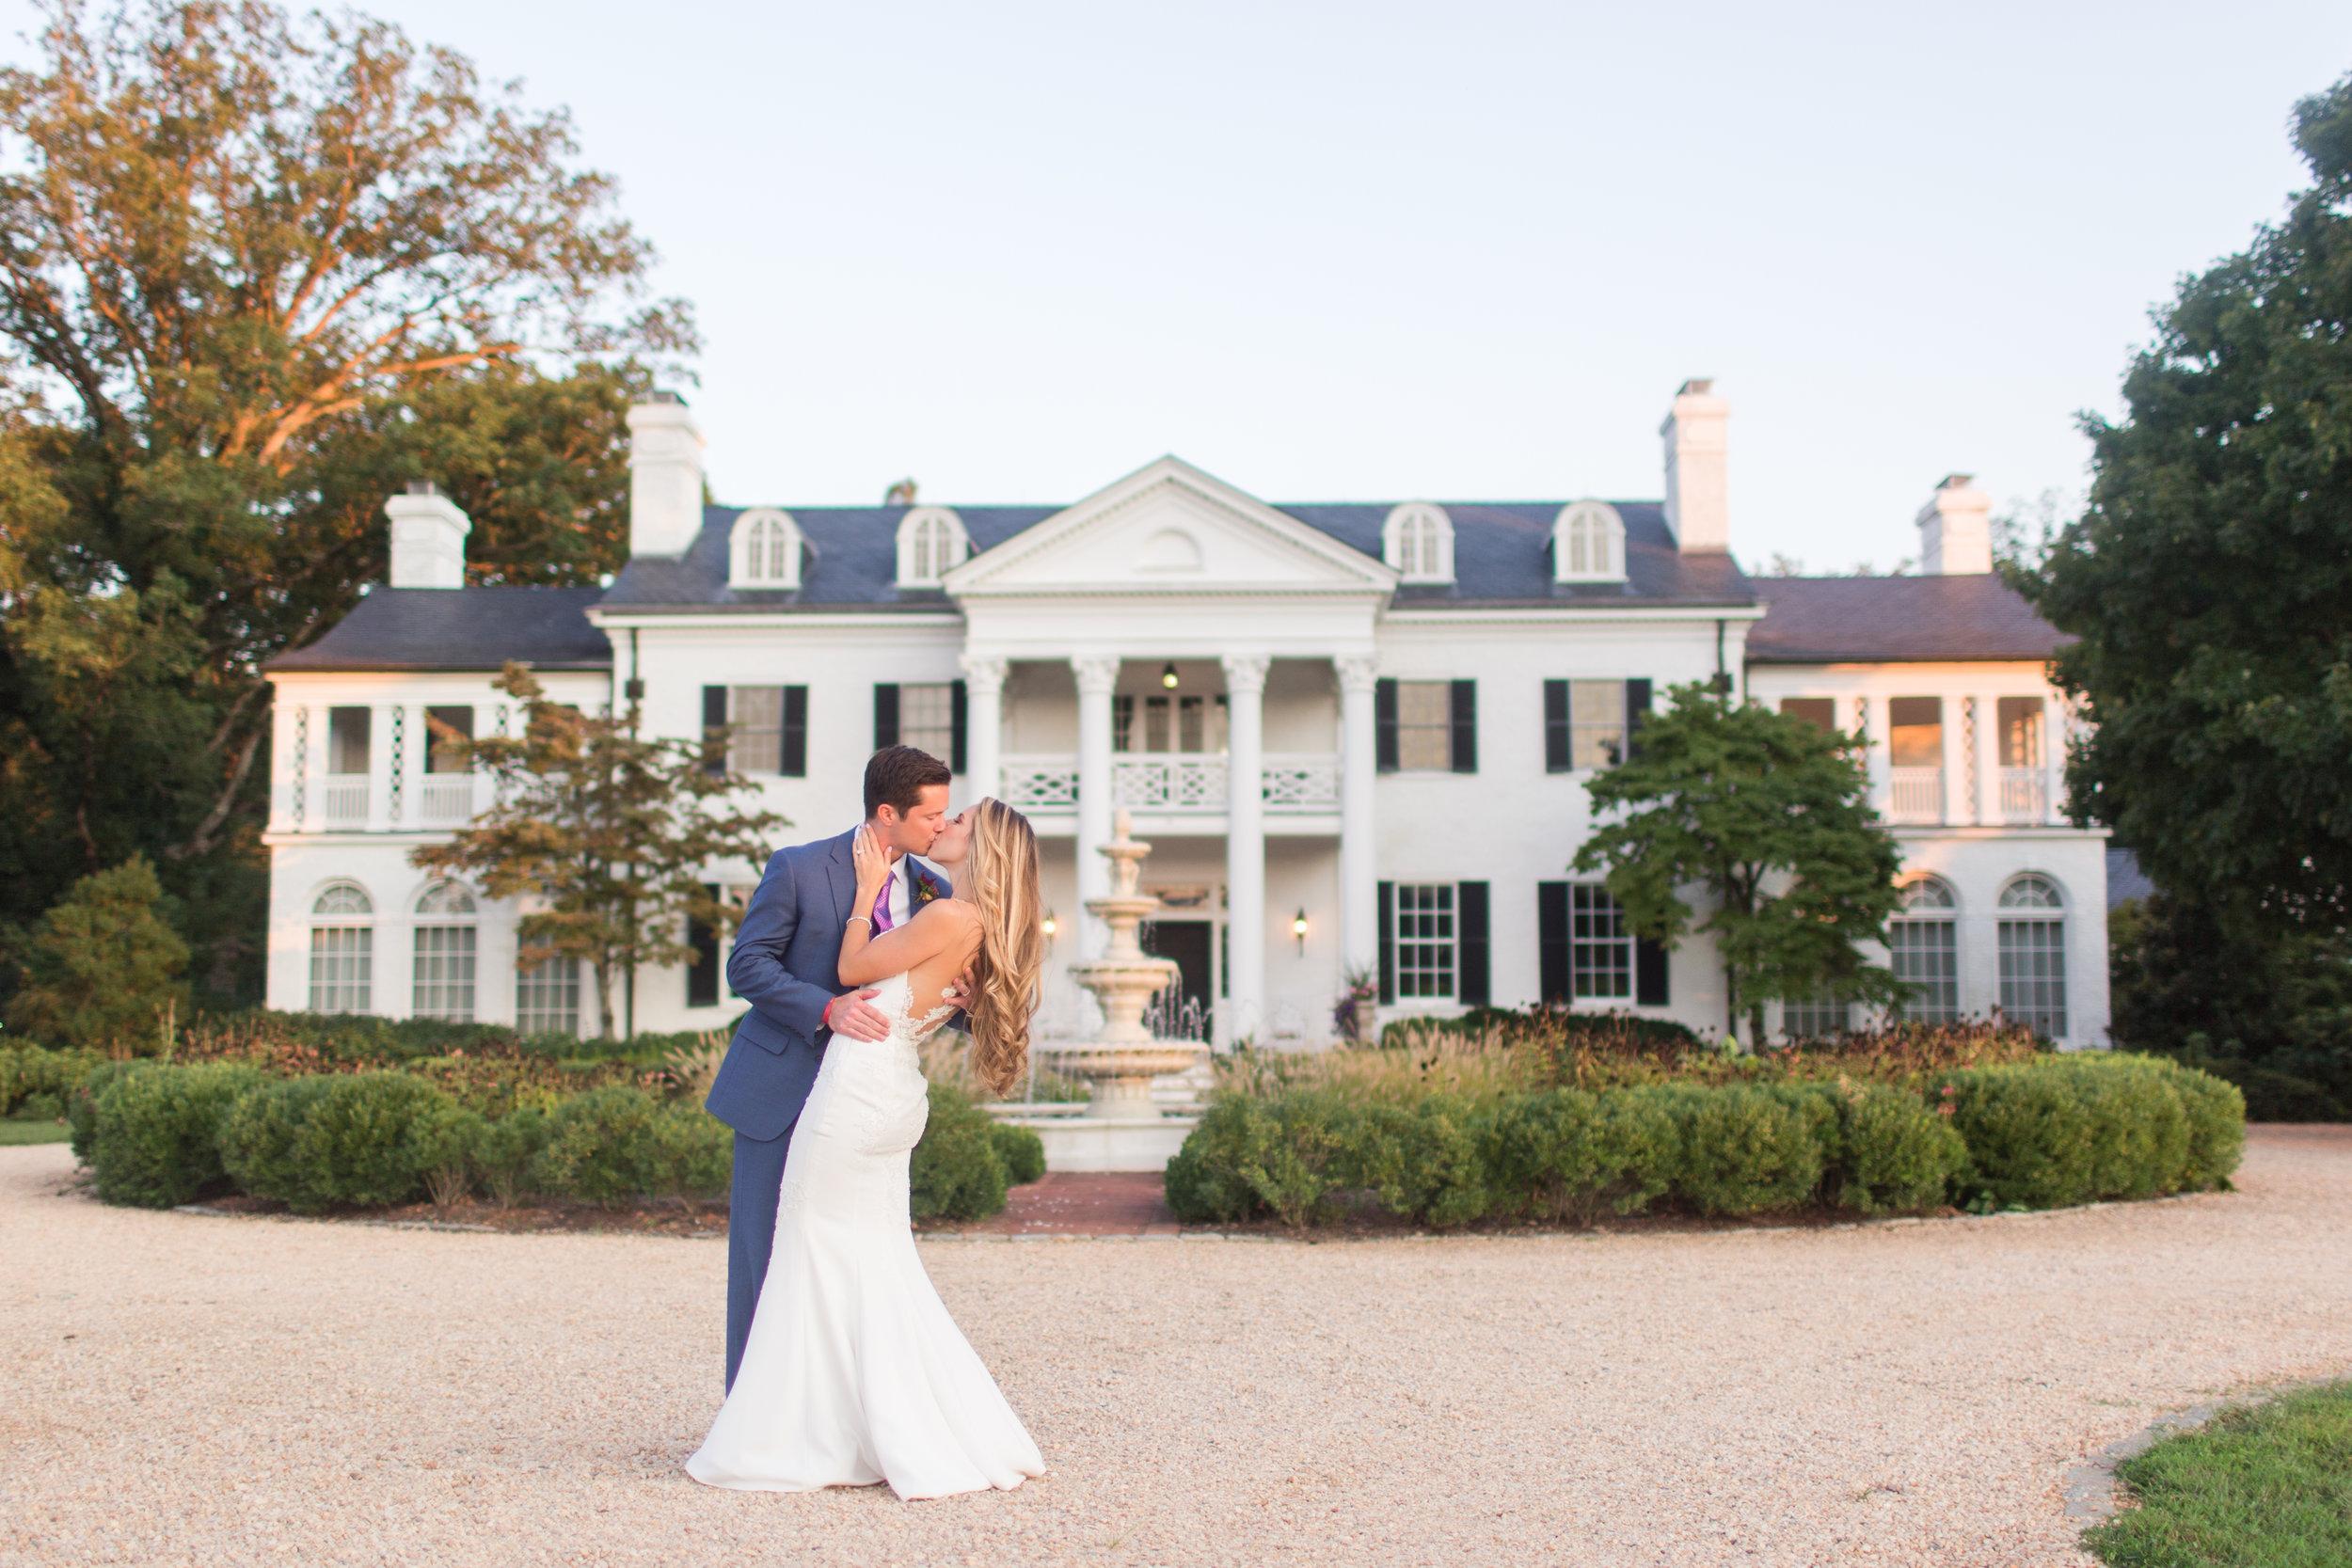 Charlottesville Wedding Photographer || Ashley Eiban Photography || www.ashleyeiban.com